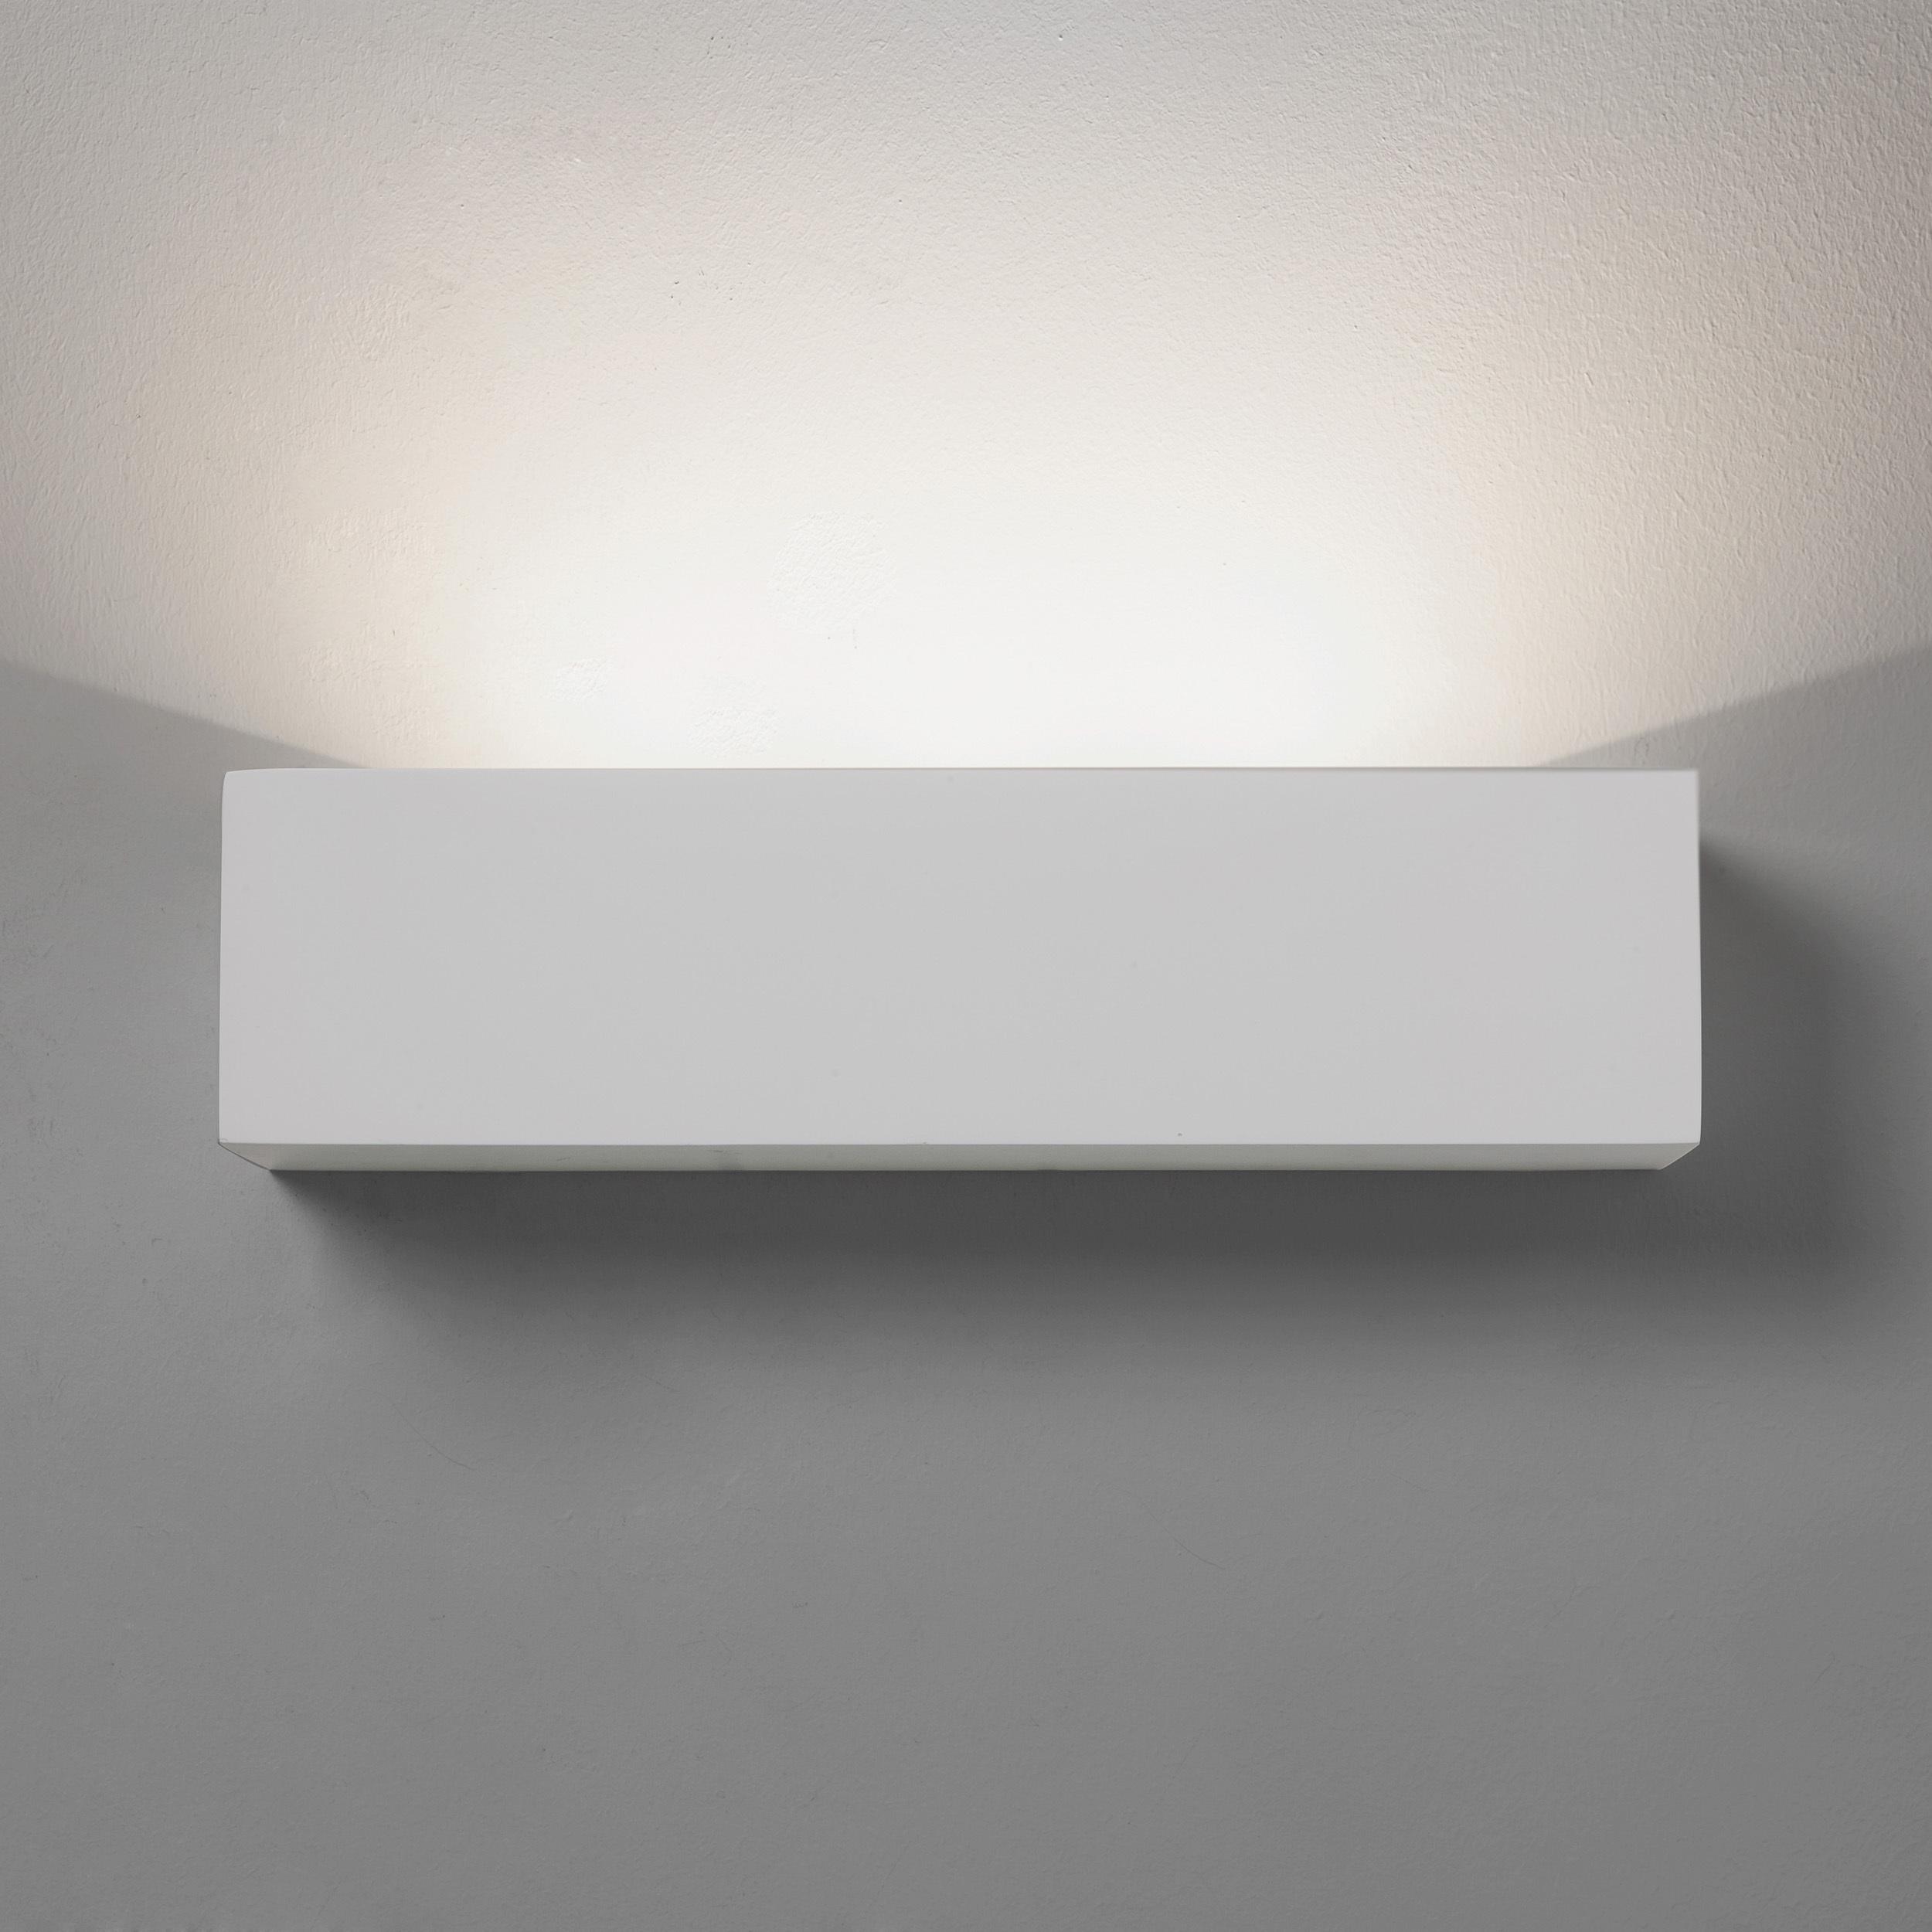 Настенный светодиодный светильник Astro Parma 1187015 (7599), LED 8,7W 2700K 319lm CRI80, белый, под покраску, гипс - фото 2